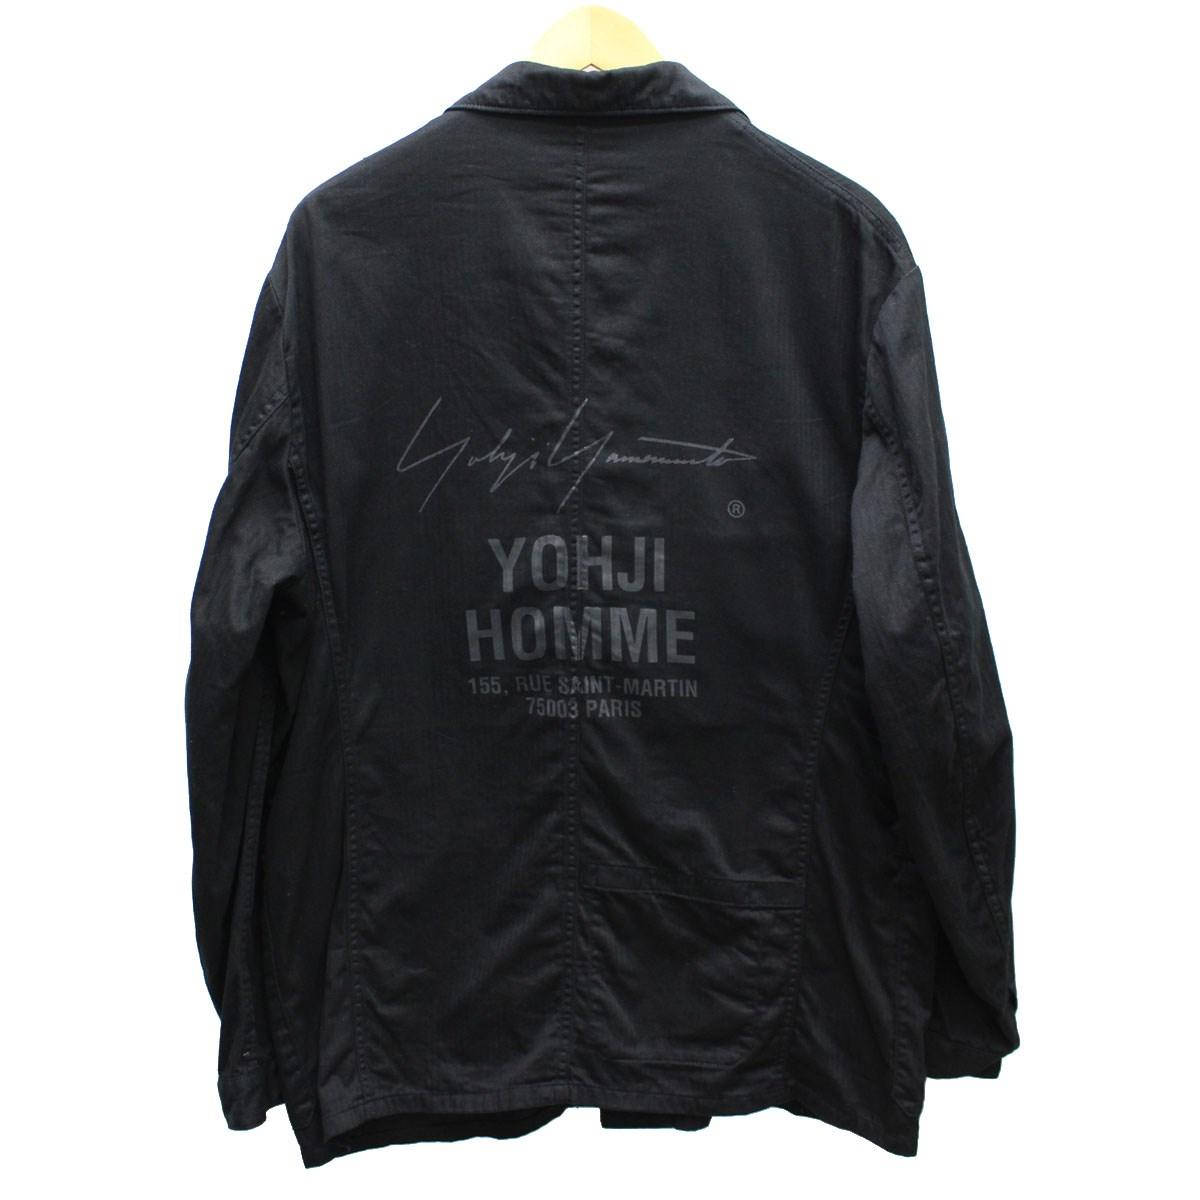 【中古】YOHJI YAMAMOTO pour homme スタッフ ワークシャツ ジャケット 2017AW ブラック サイズ:3 【送料無料】 【191018】(ヨウジヤマモトプールオム)